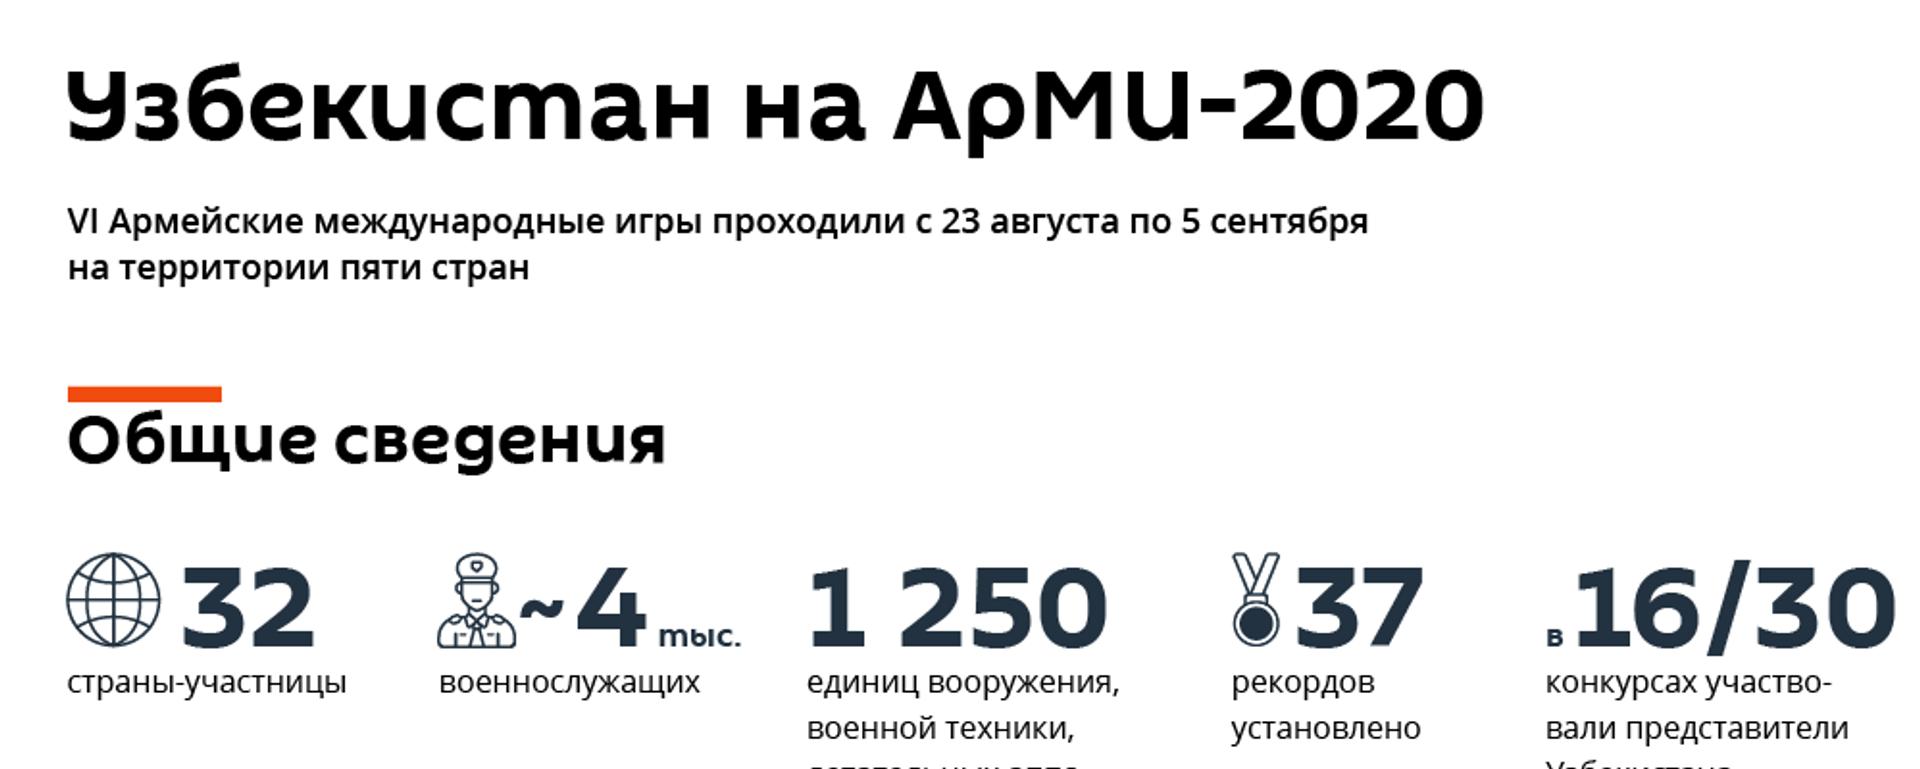 Итоги АрМИ-2020 - Sputnik Узбекистан, 1920, 09.09.2020